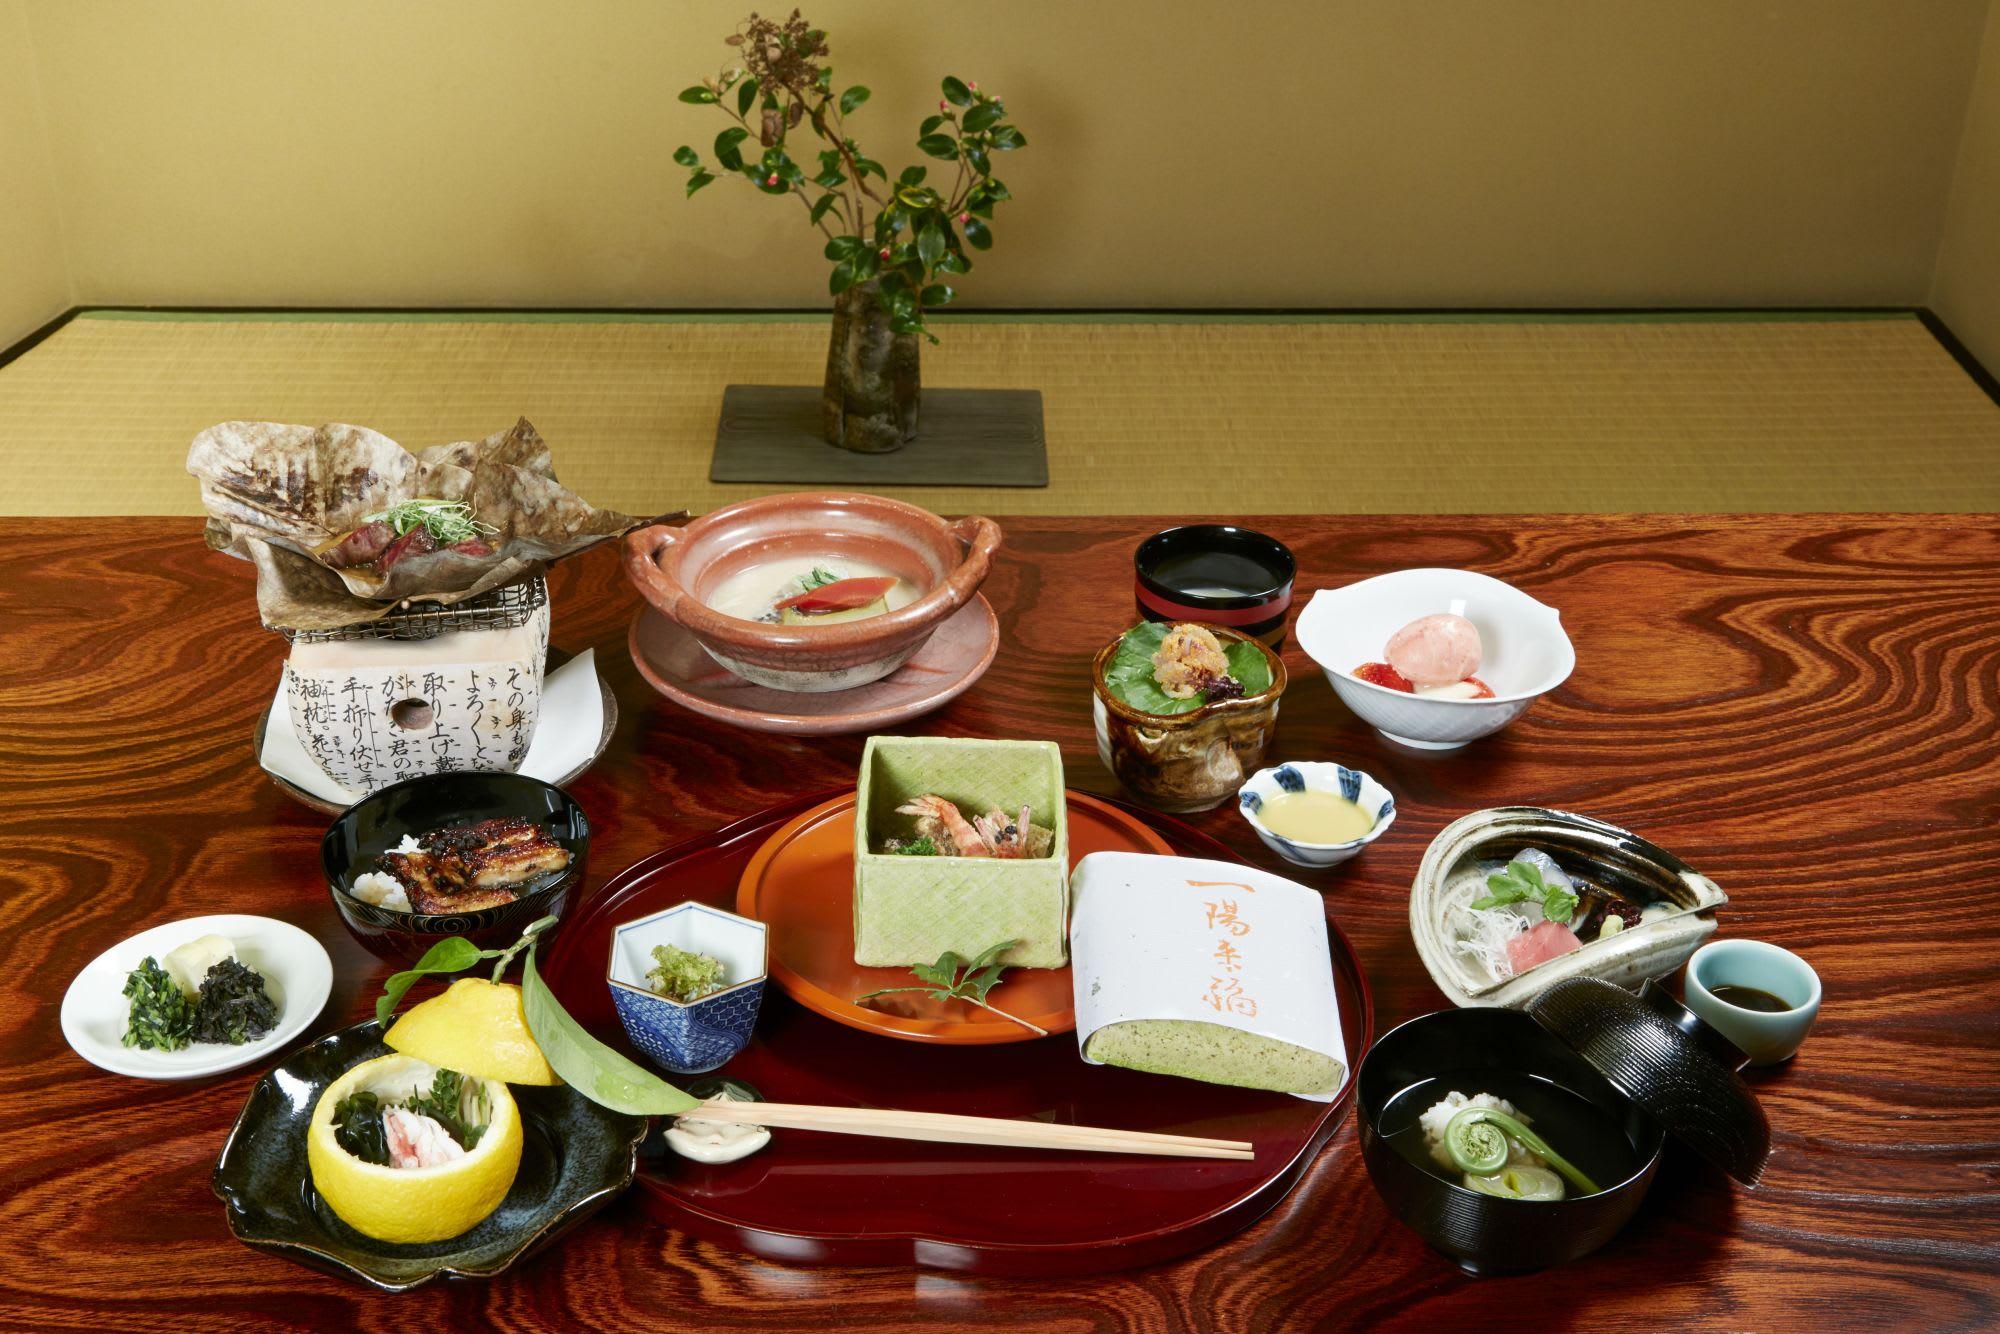 traditionelle japanische küche in kyoto - unser kyoto food